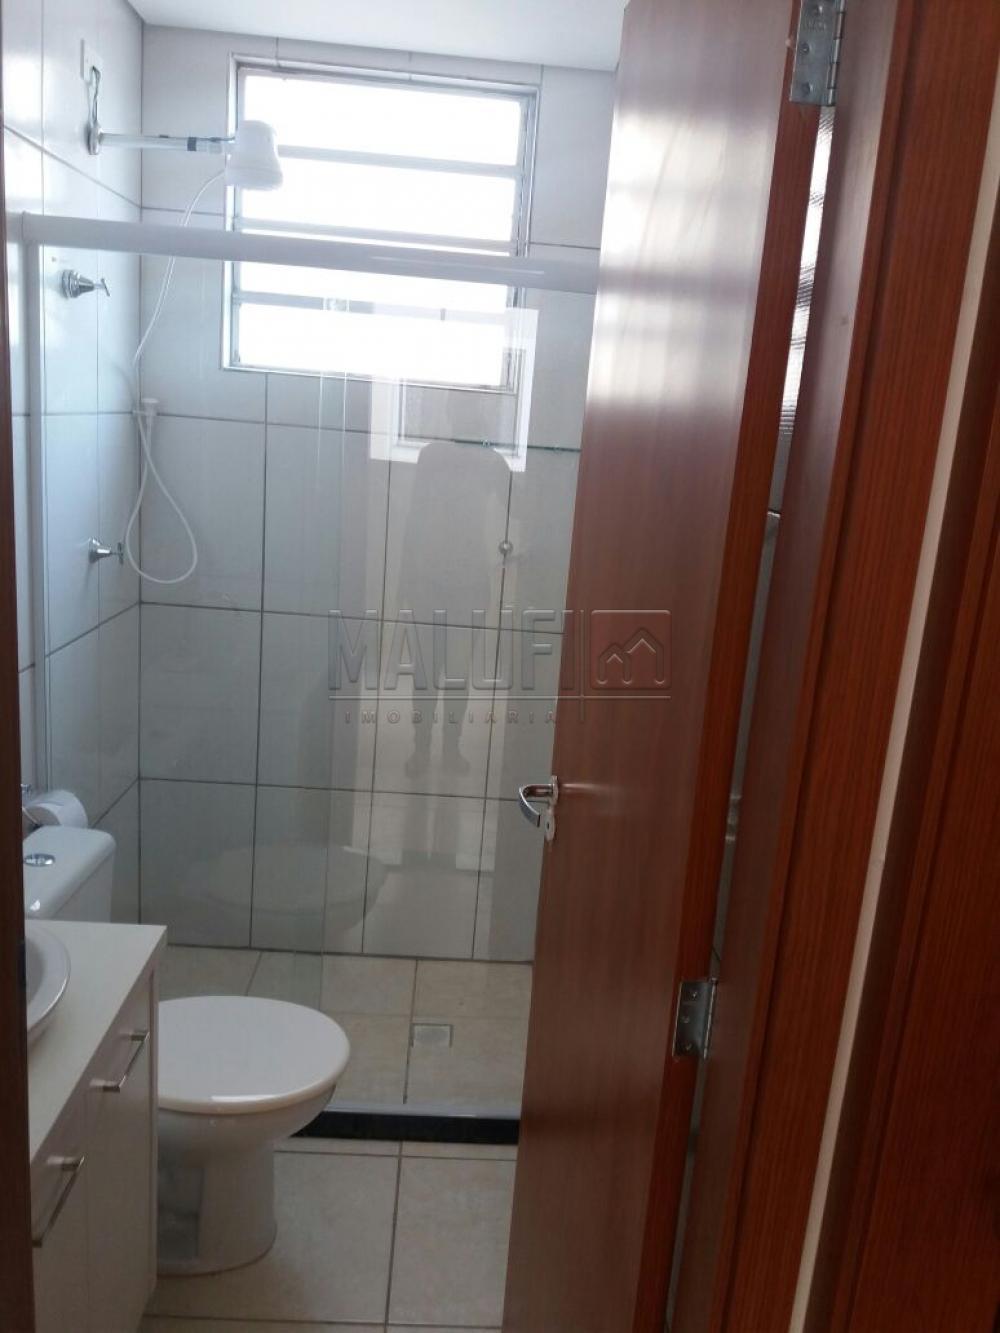 Alugar Apartamentos / Padrão em São José do Rio Preto apenas R$ 1.200,00 - Foto 9